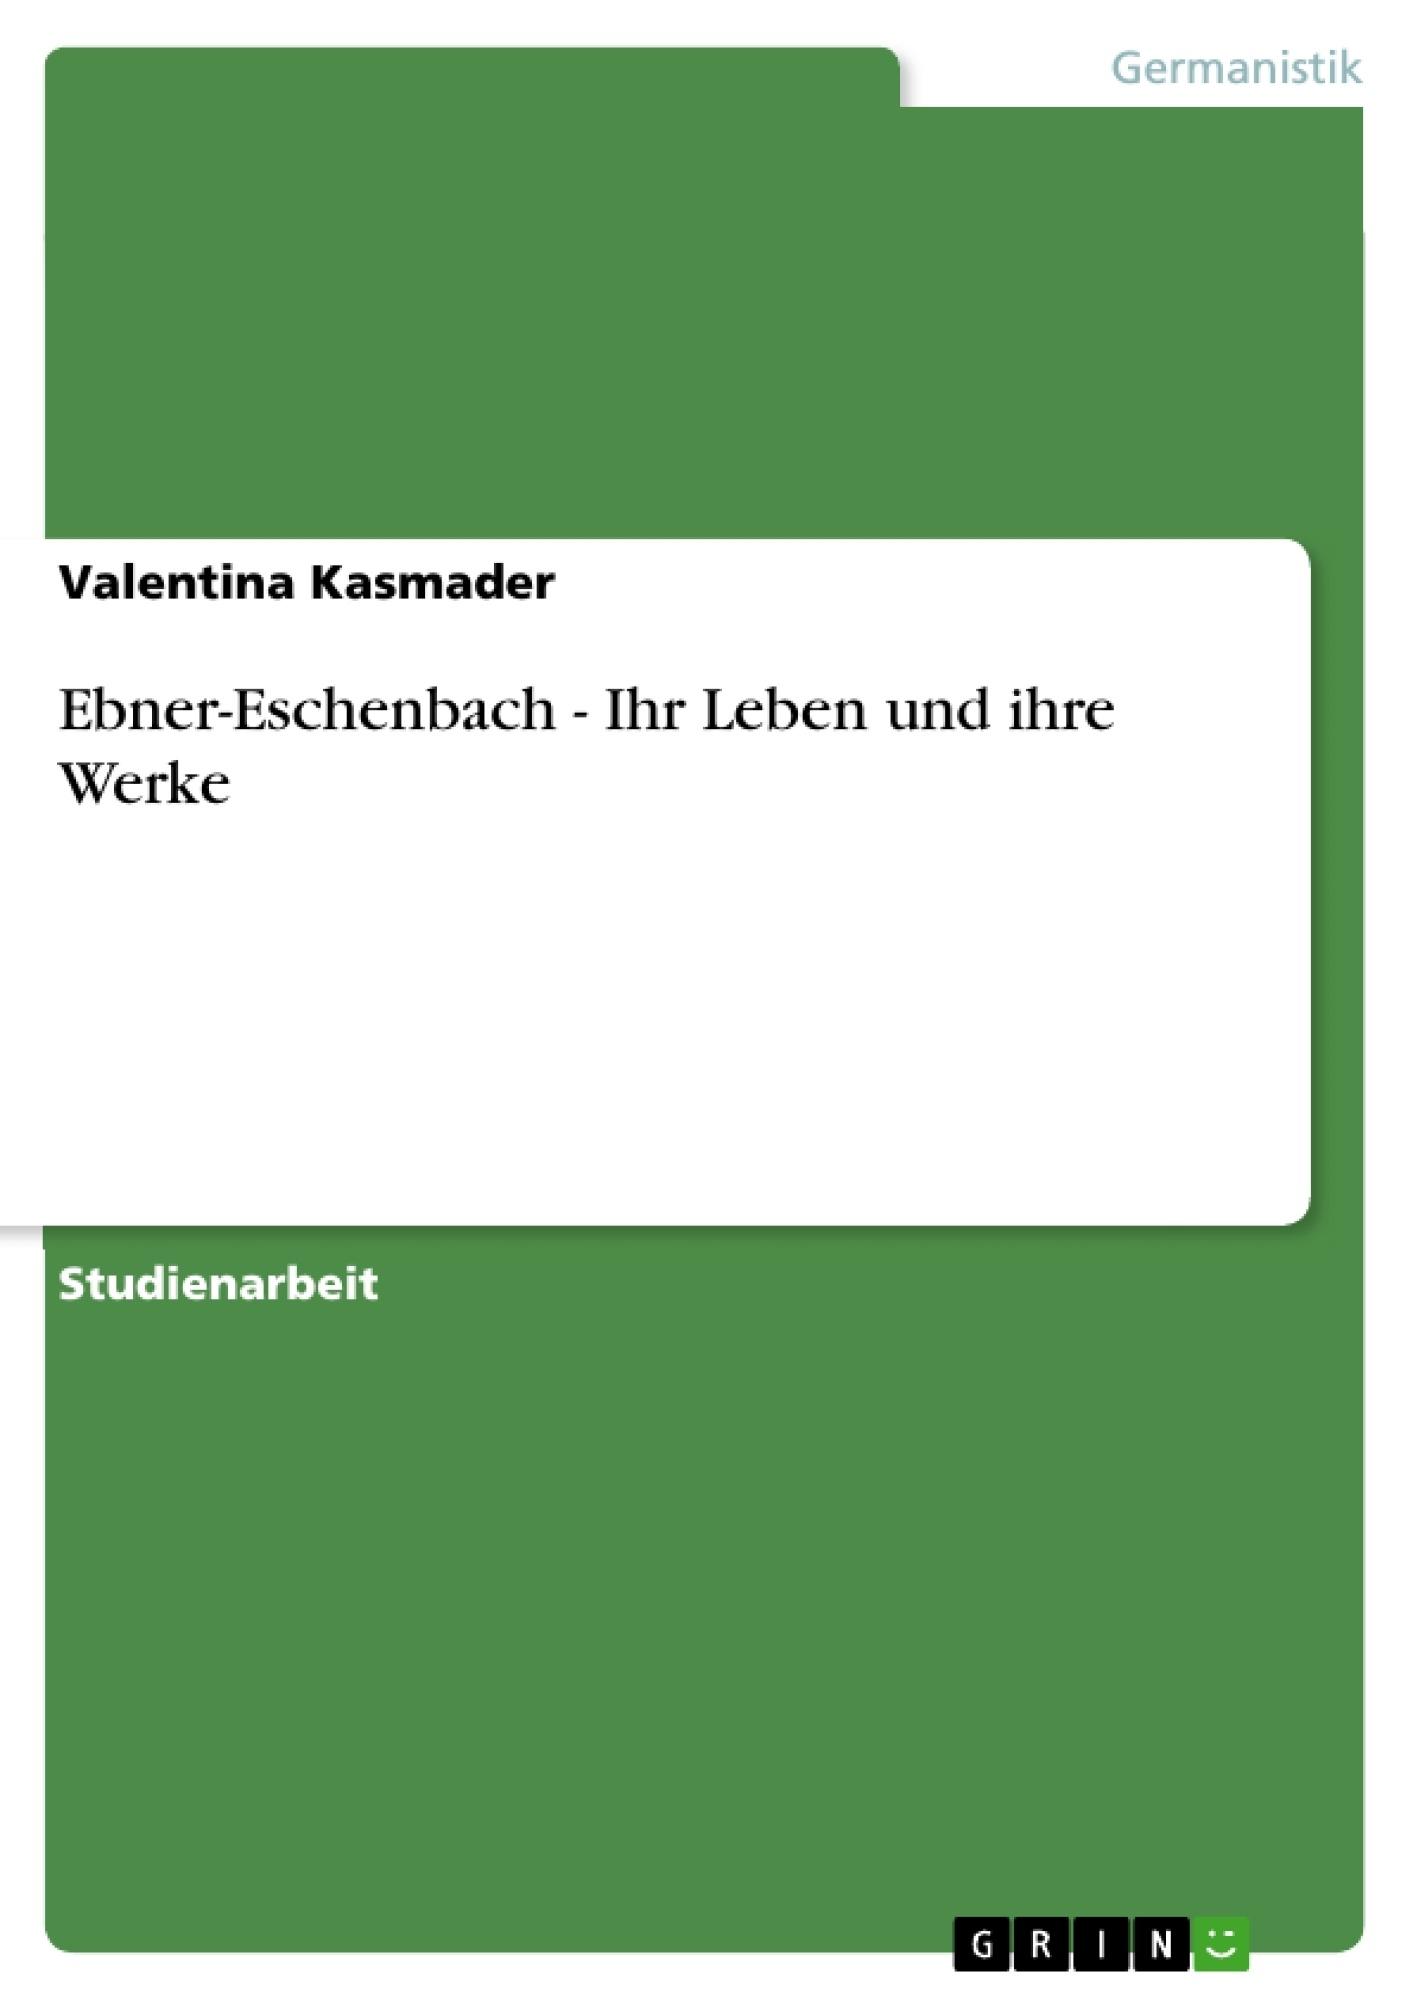 Titel: Ebner-Eschenbach - Ihr Leben und ihre Werke